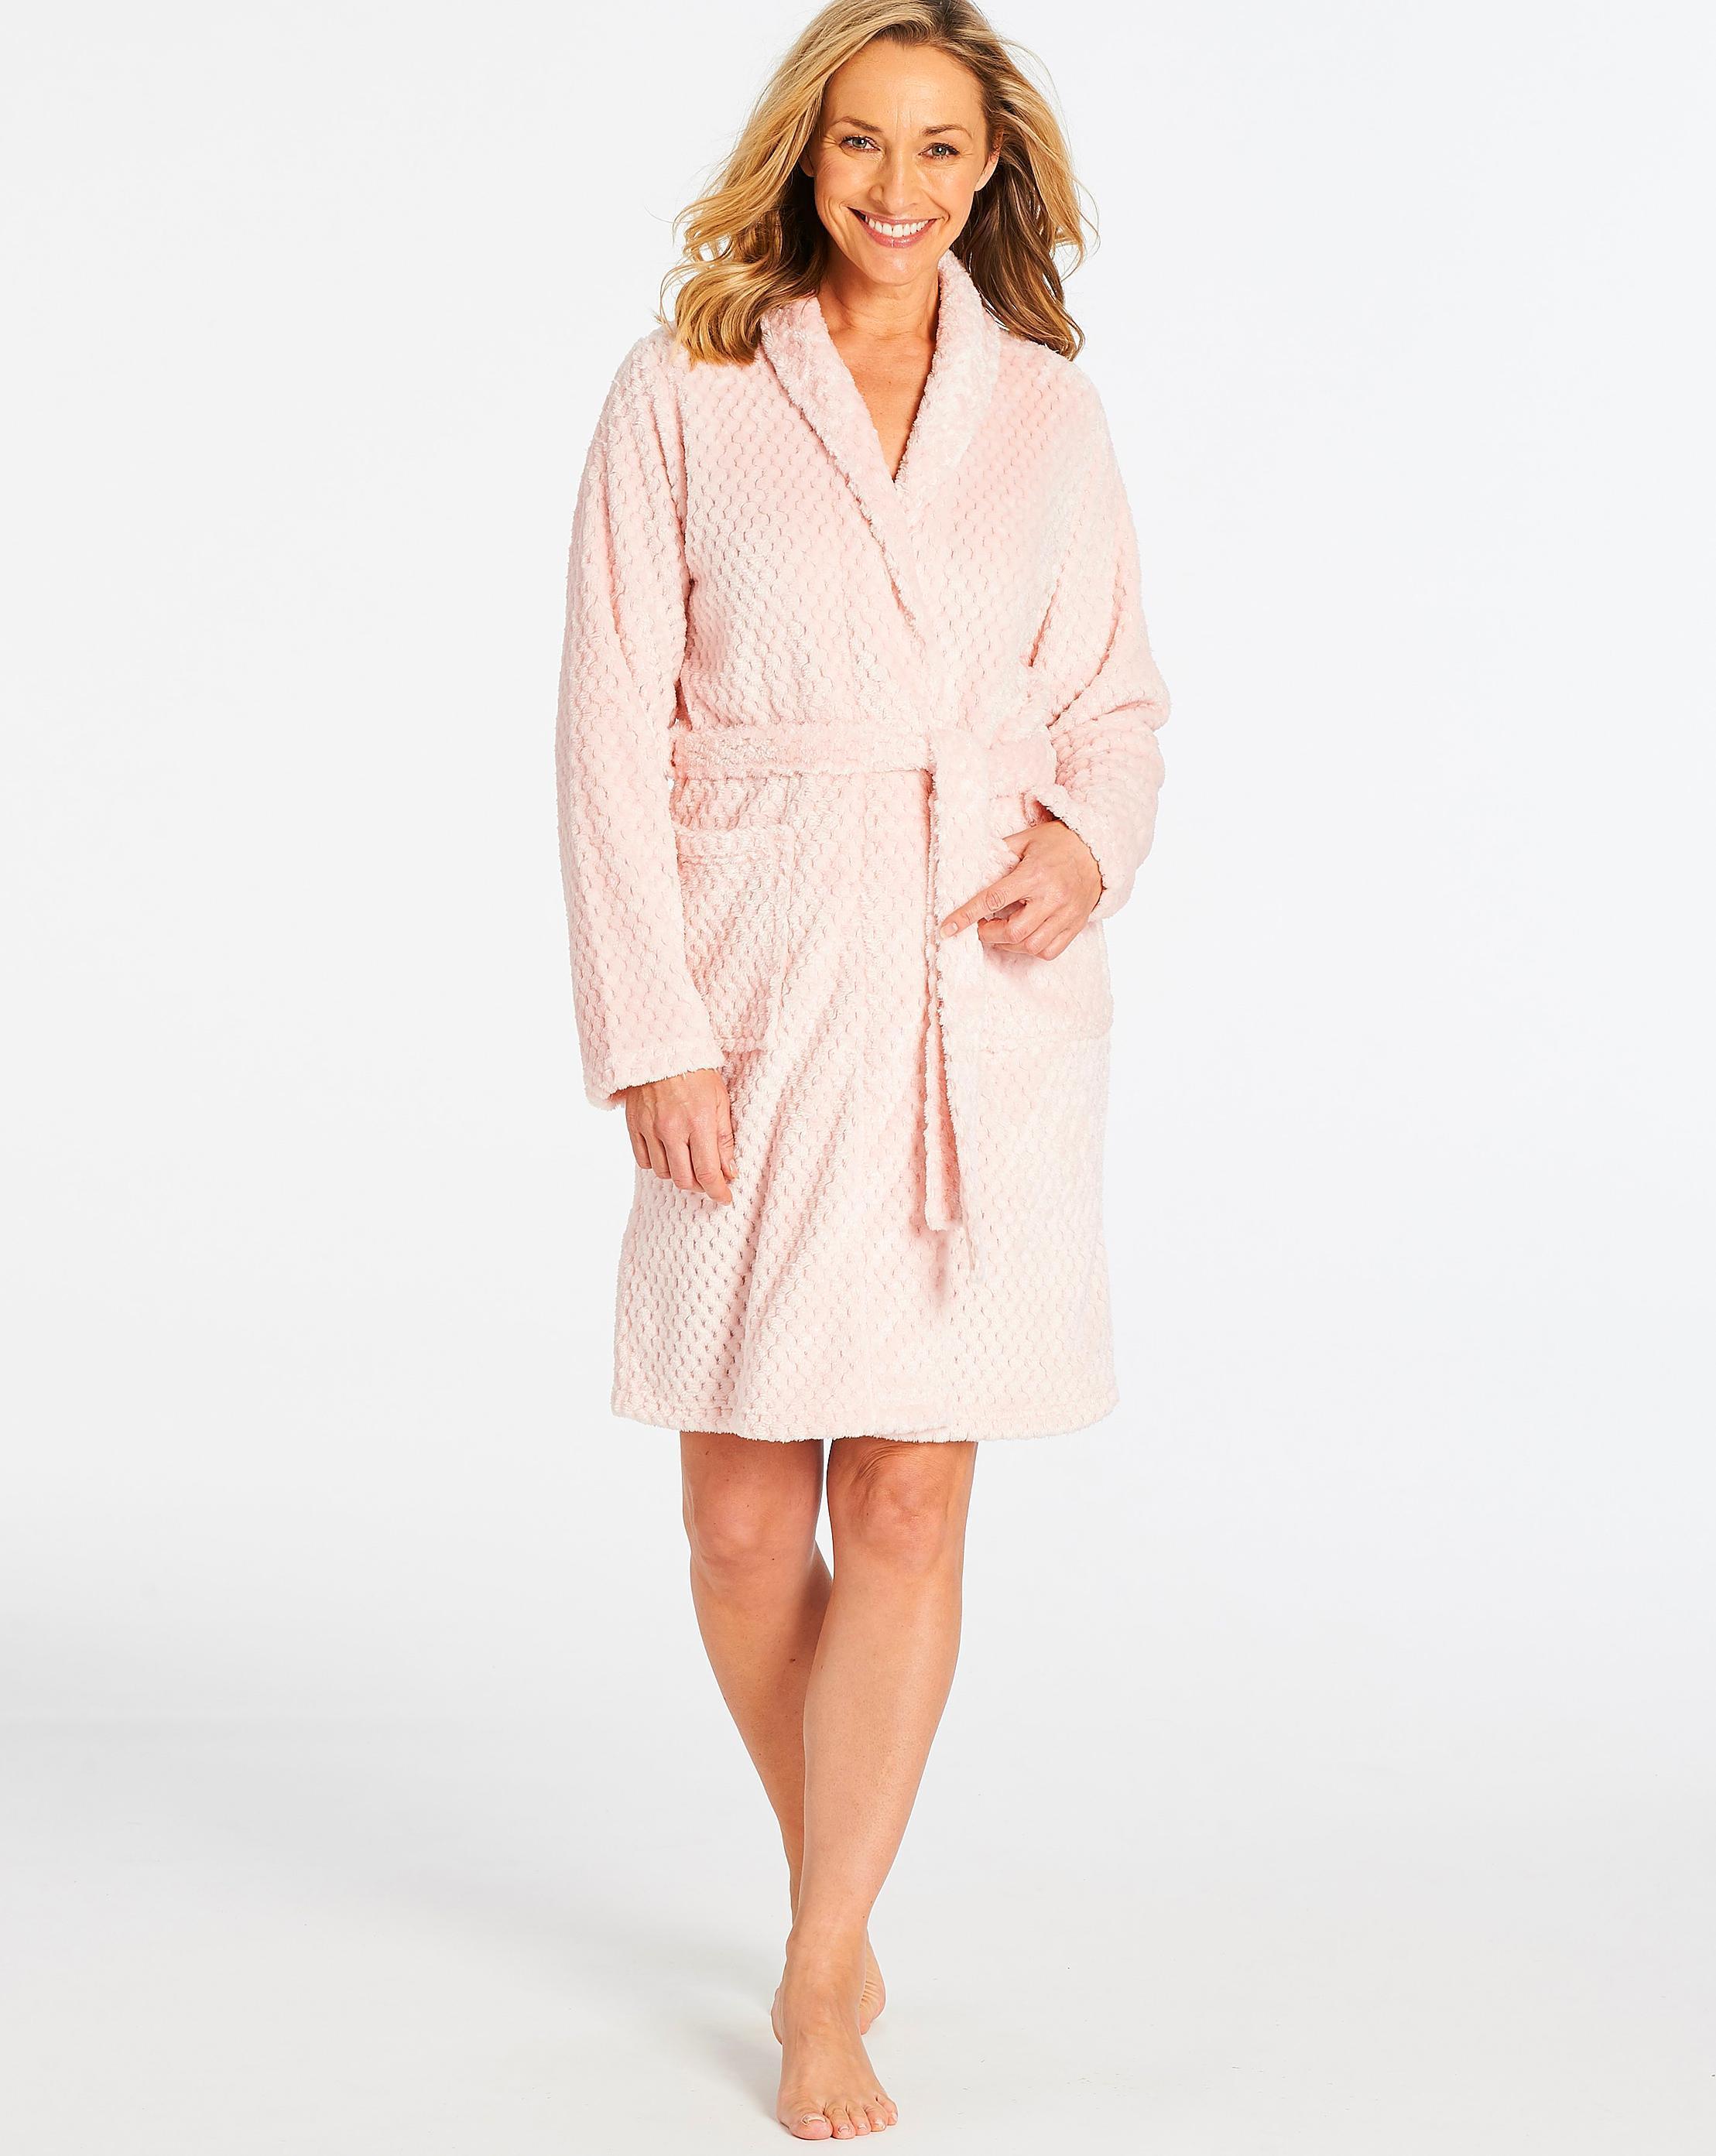 4cf3e02fc4 ... Pretty Secrets Textured Fleece Gown - Lyst. View fullscreen